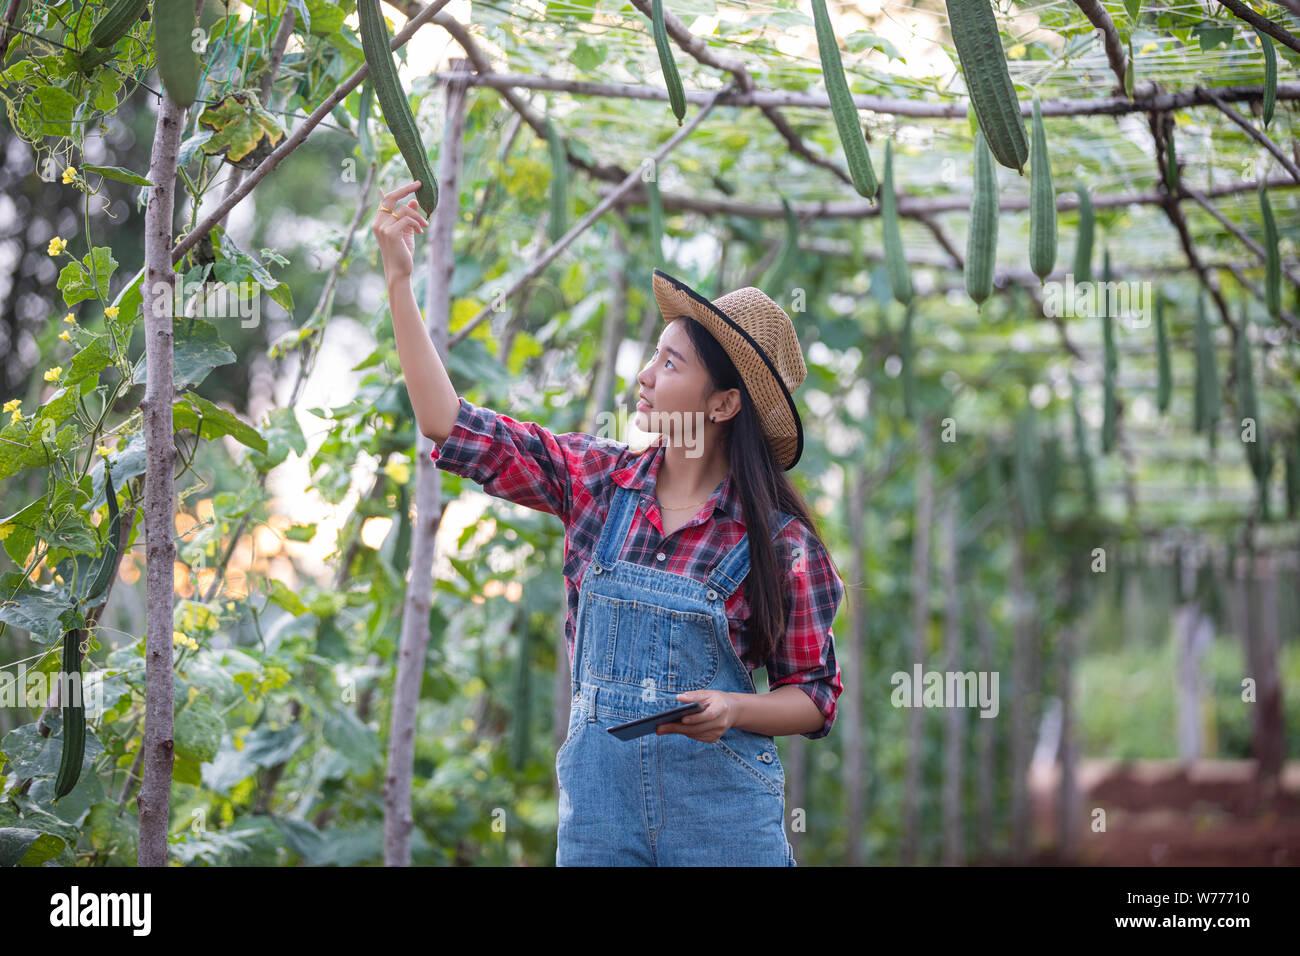 Les femmes Asias ingénieur agronome et agriculteur en utilisant la technologie de l'inspection dans l'agriculture et le champ de légumes biologiques Banque D'Images